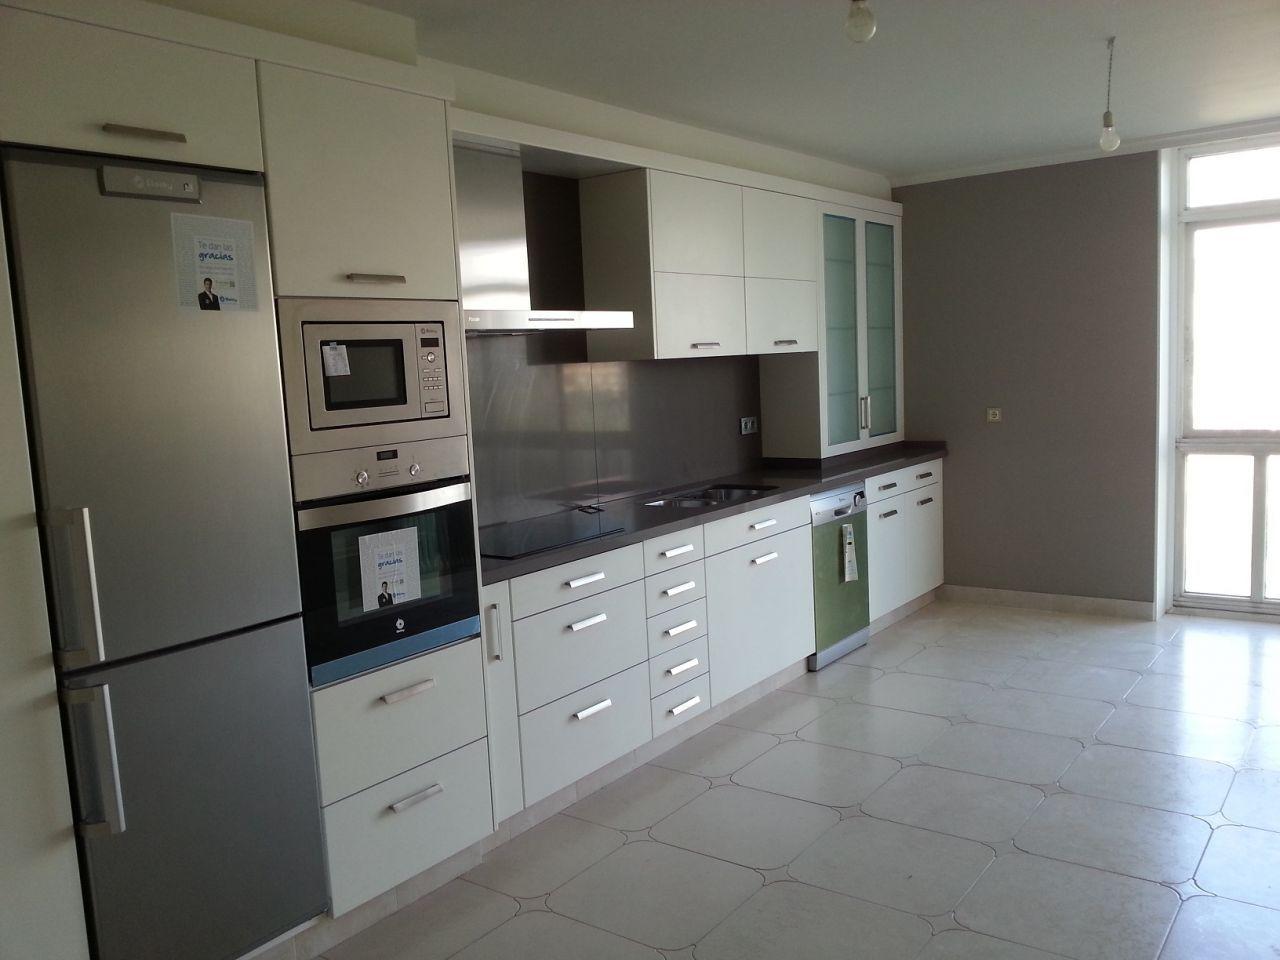 Cambiar muebles de cocina muebles cocina blanco cocinas - Muebles cocina blanco ...